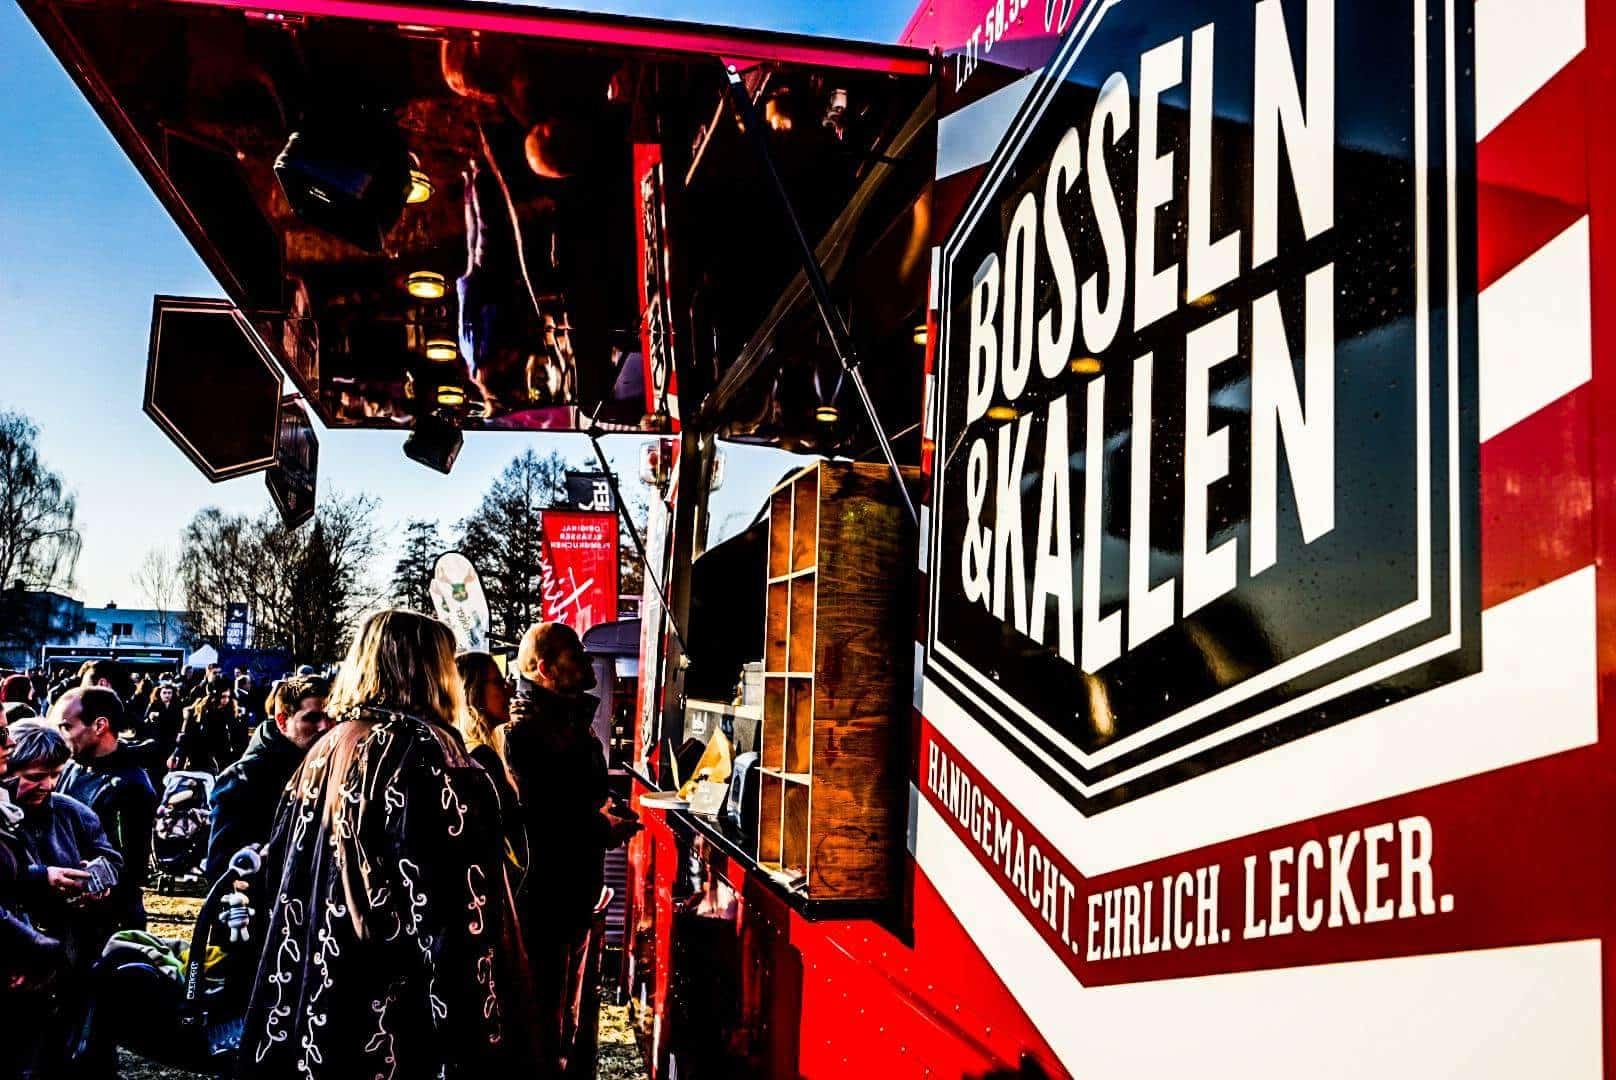 Bosseln und Kallen Foodtruck (10)